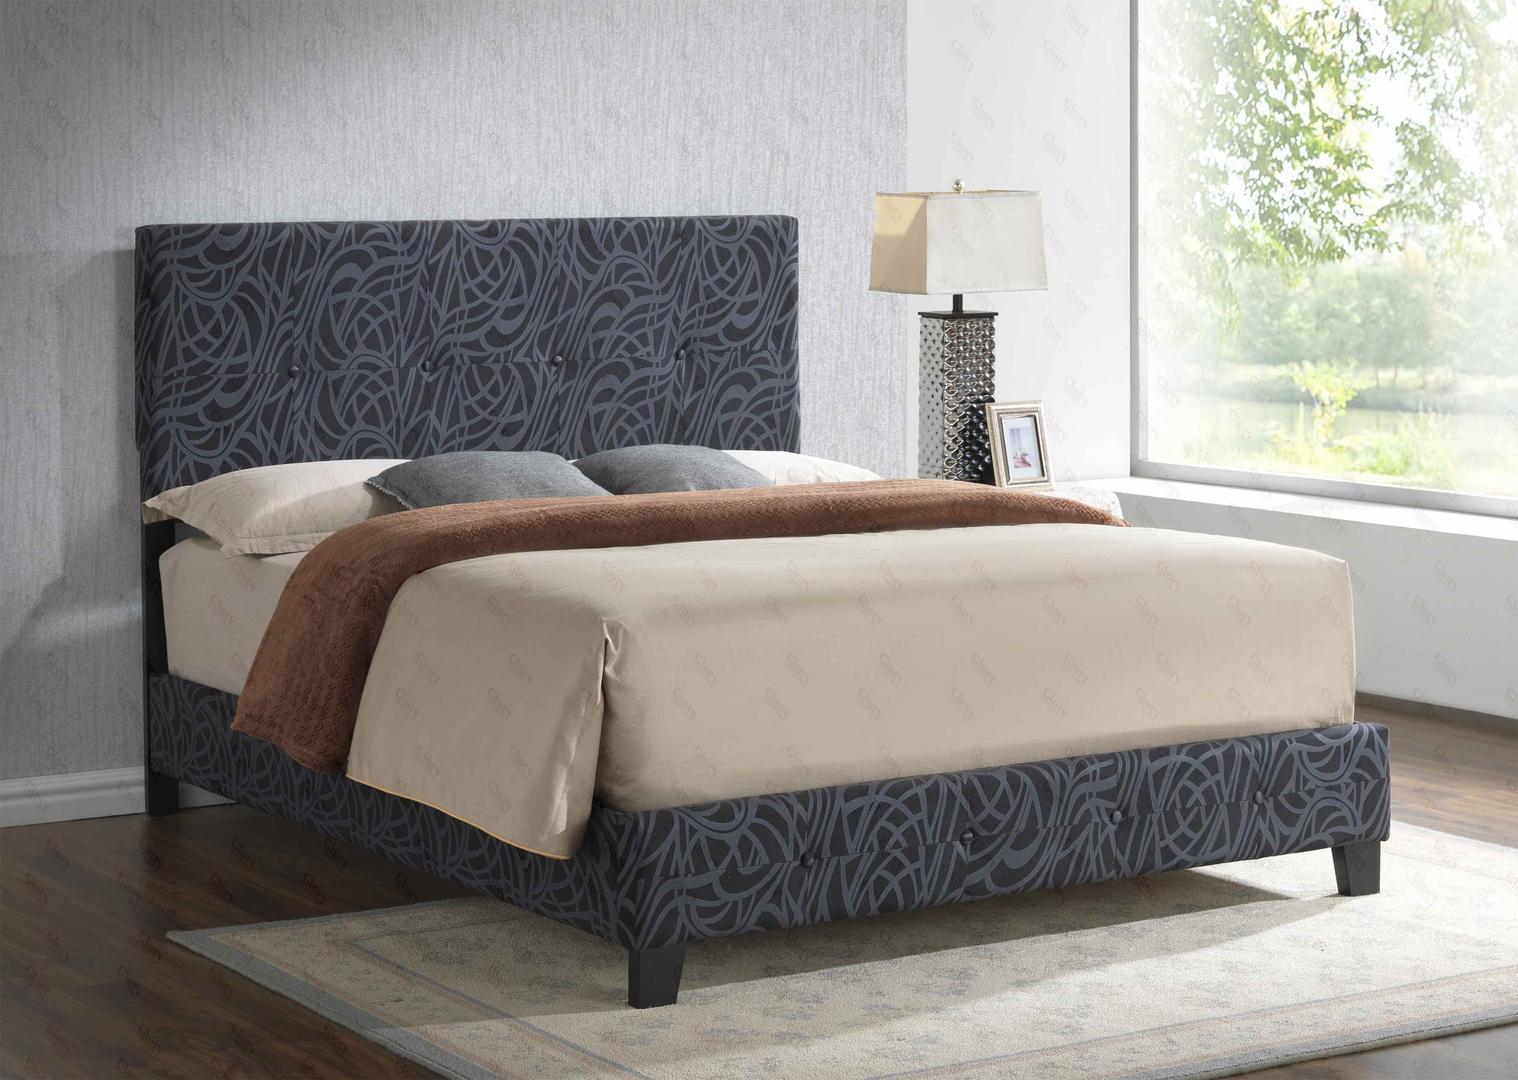 Stylish Beds stylish beds